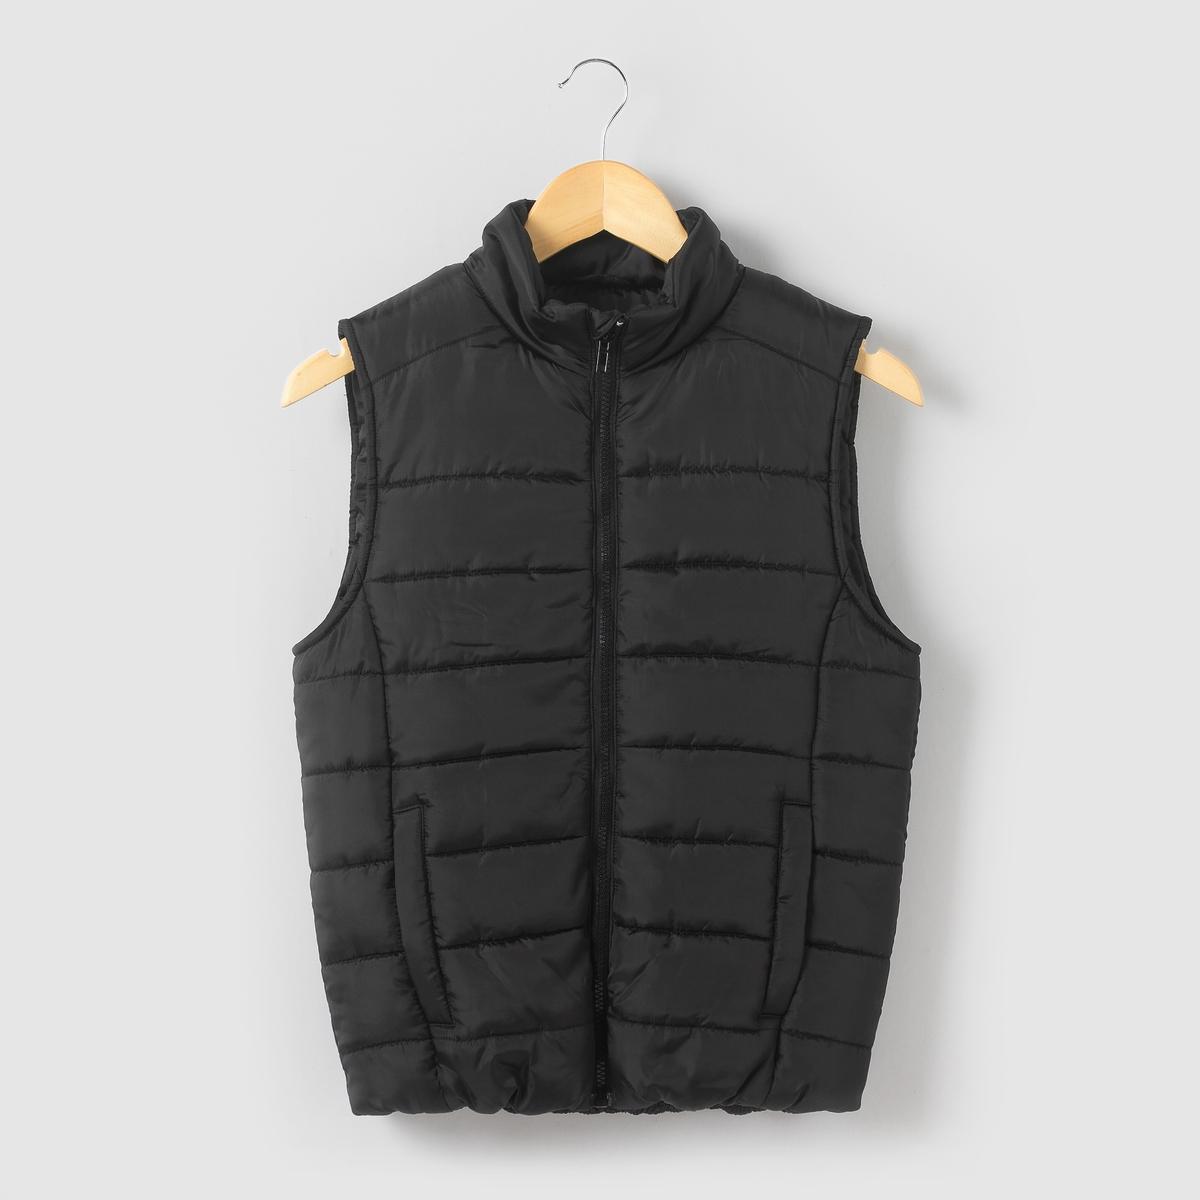 Куртка стеганая легкая без рукавов для 10-16 лет